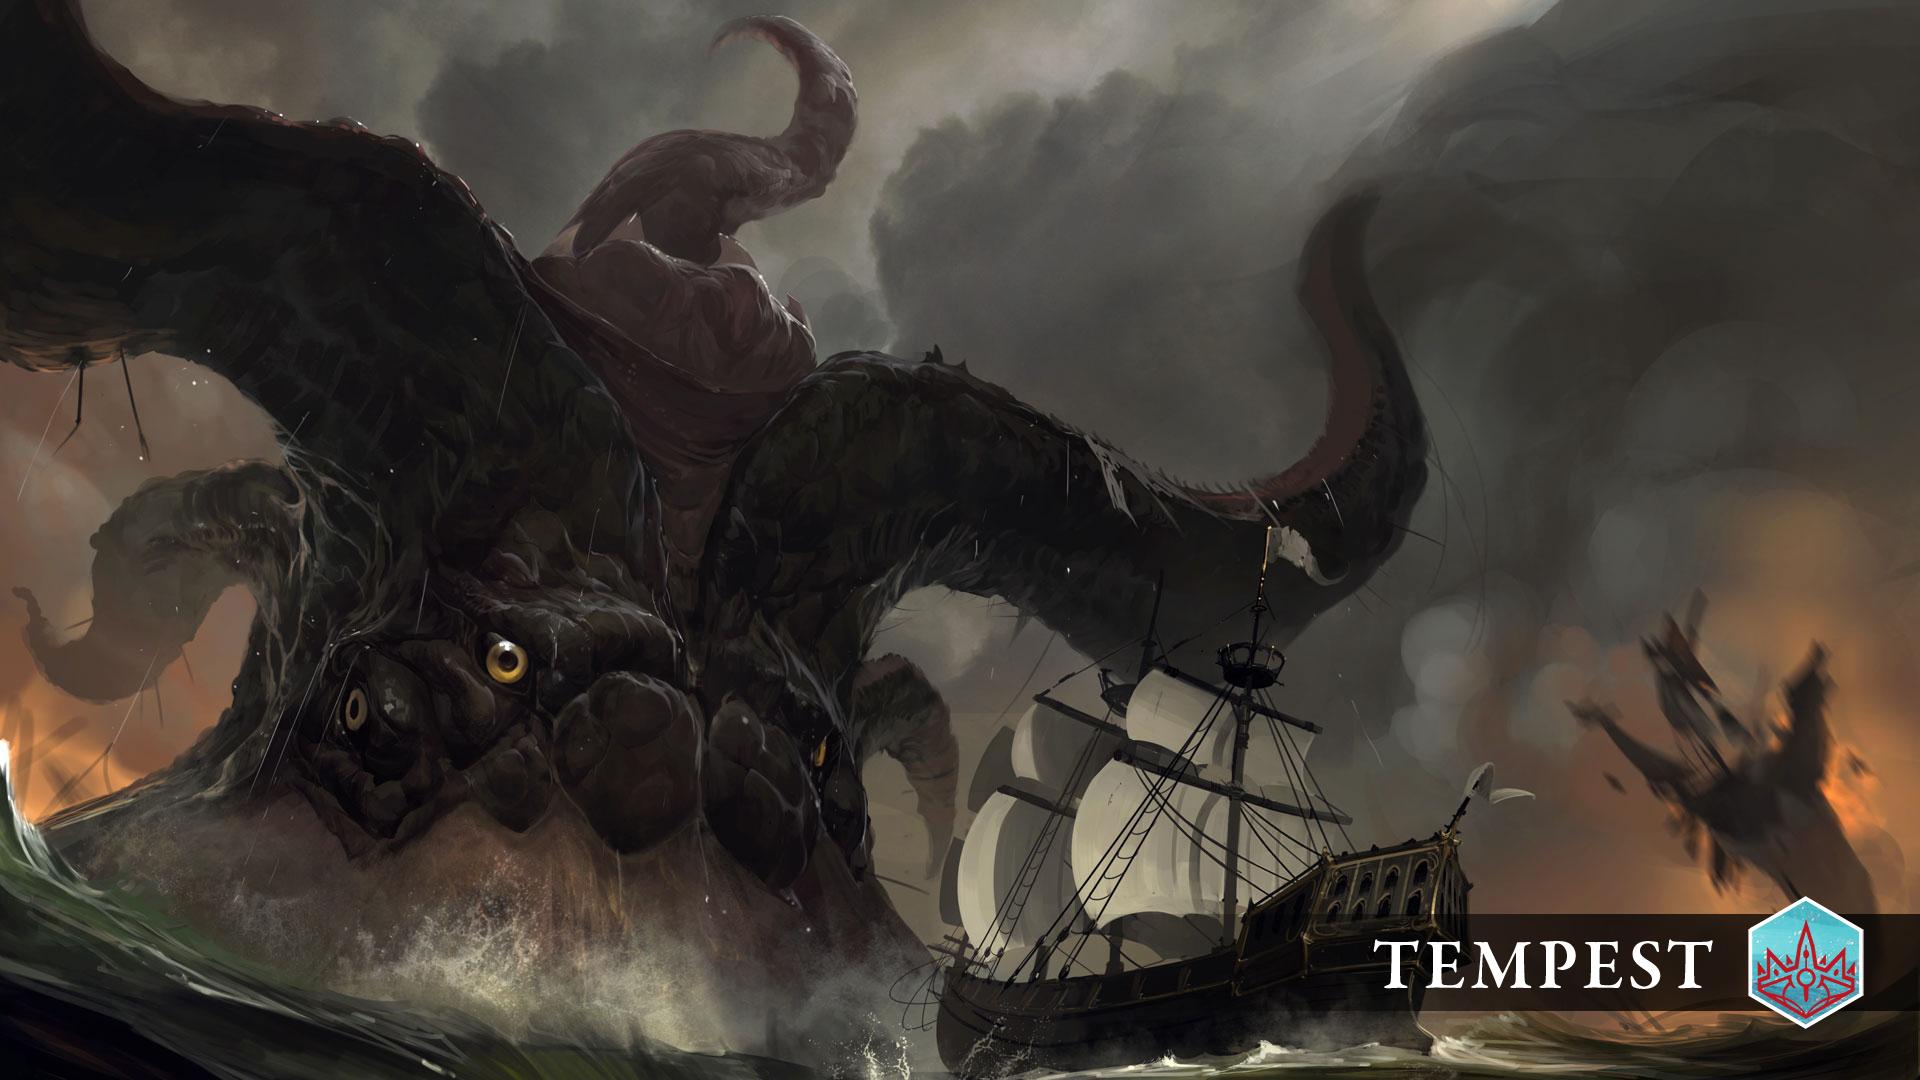 el-tempest-sea-monster-mood